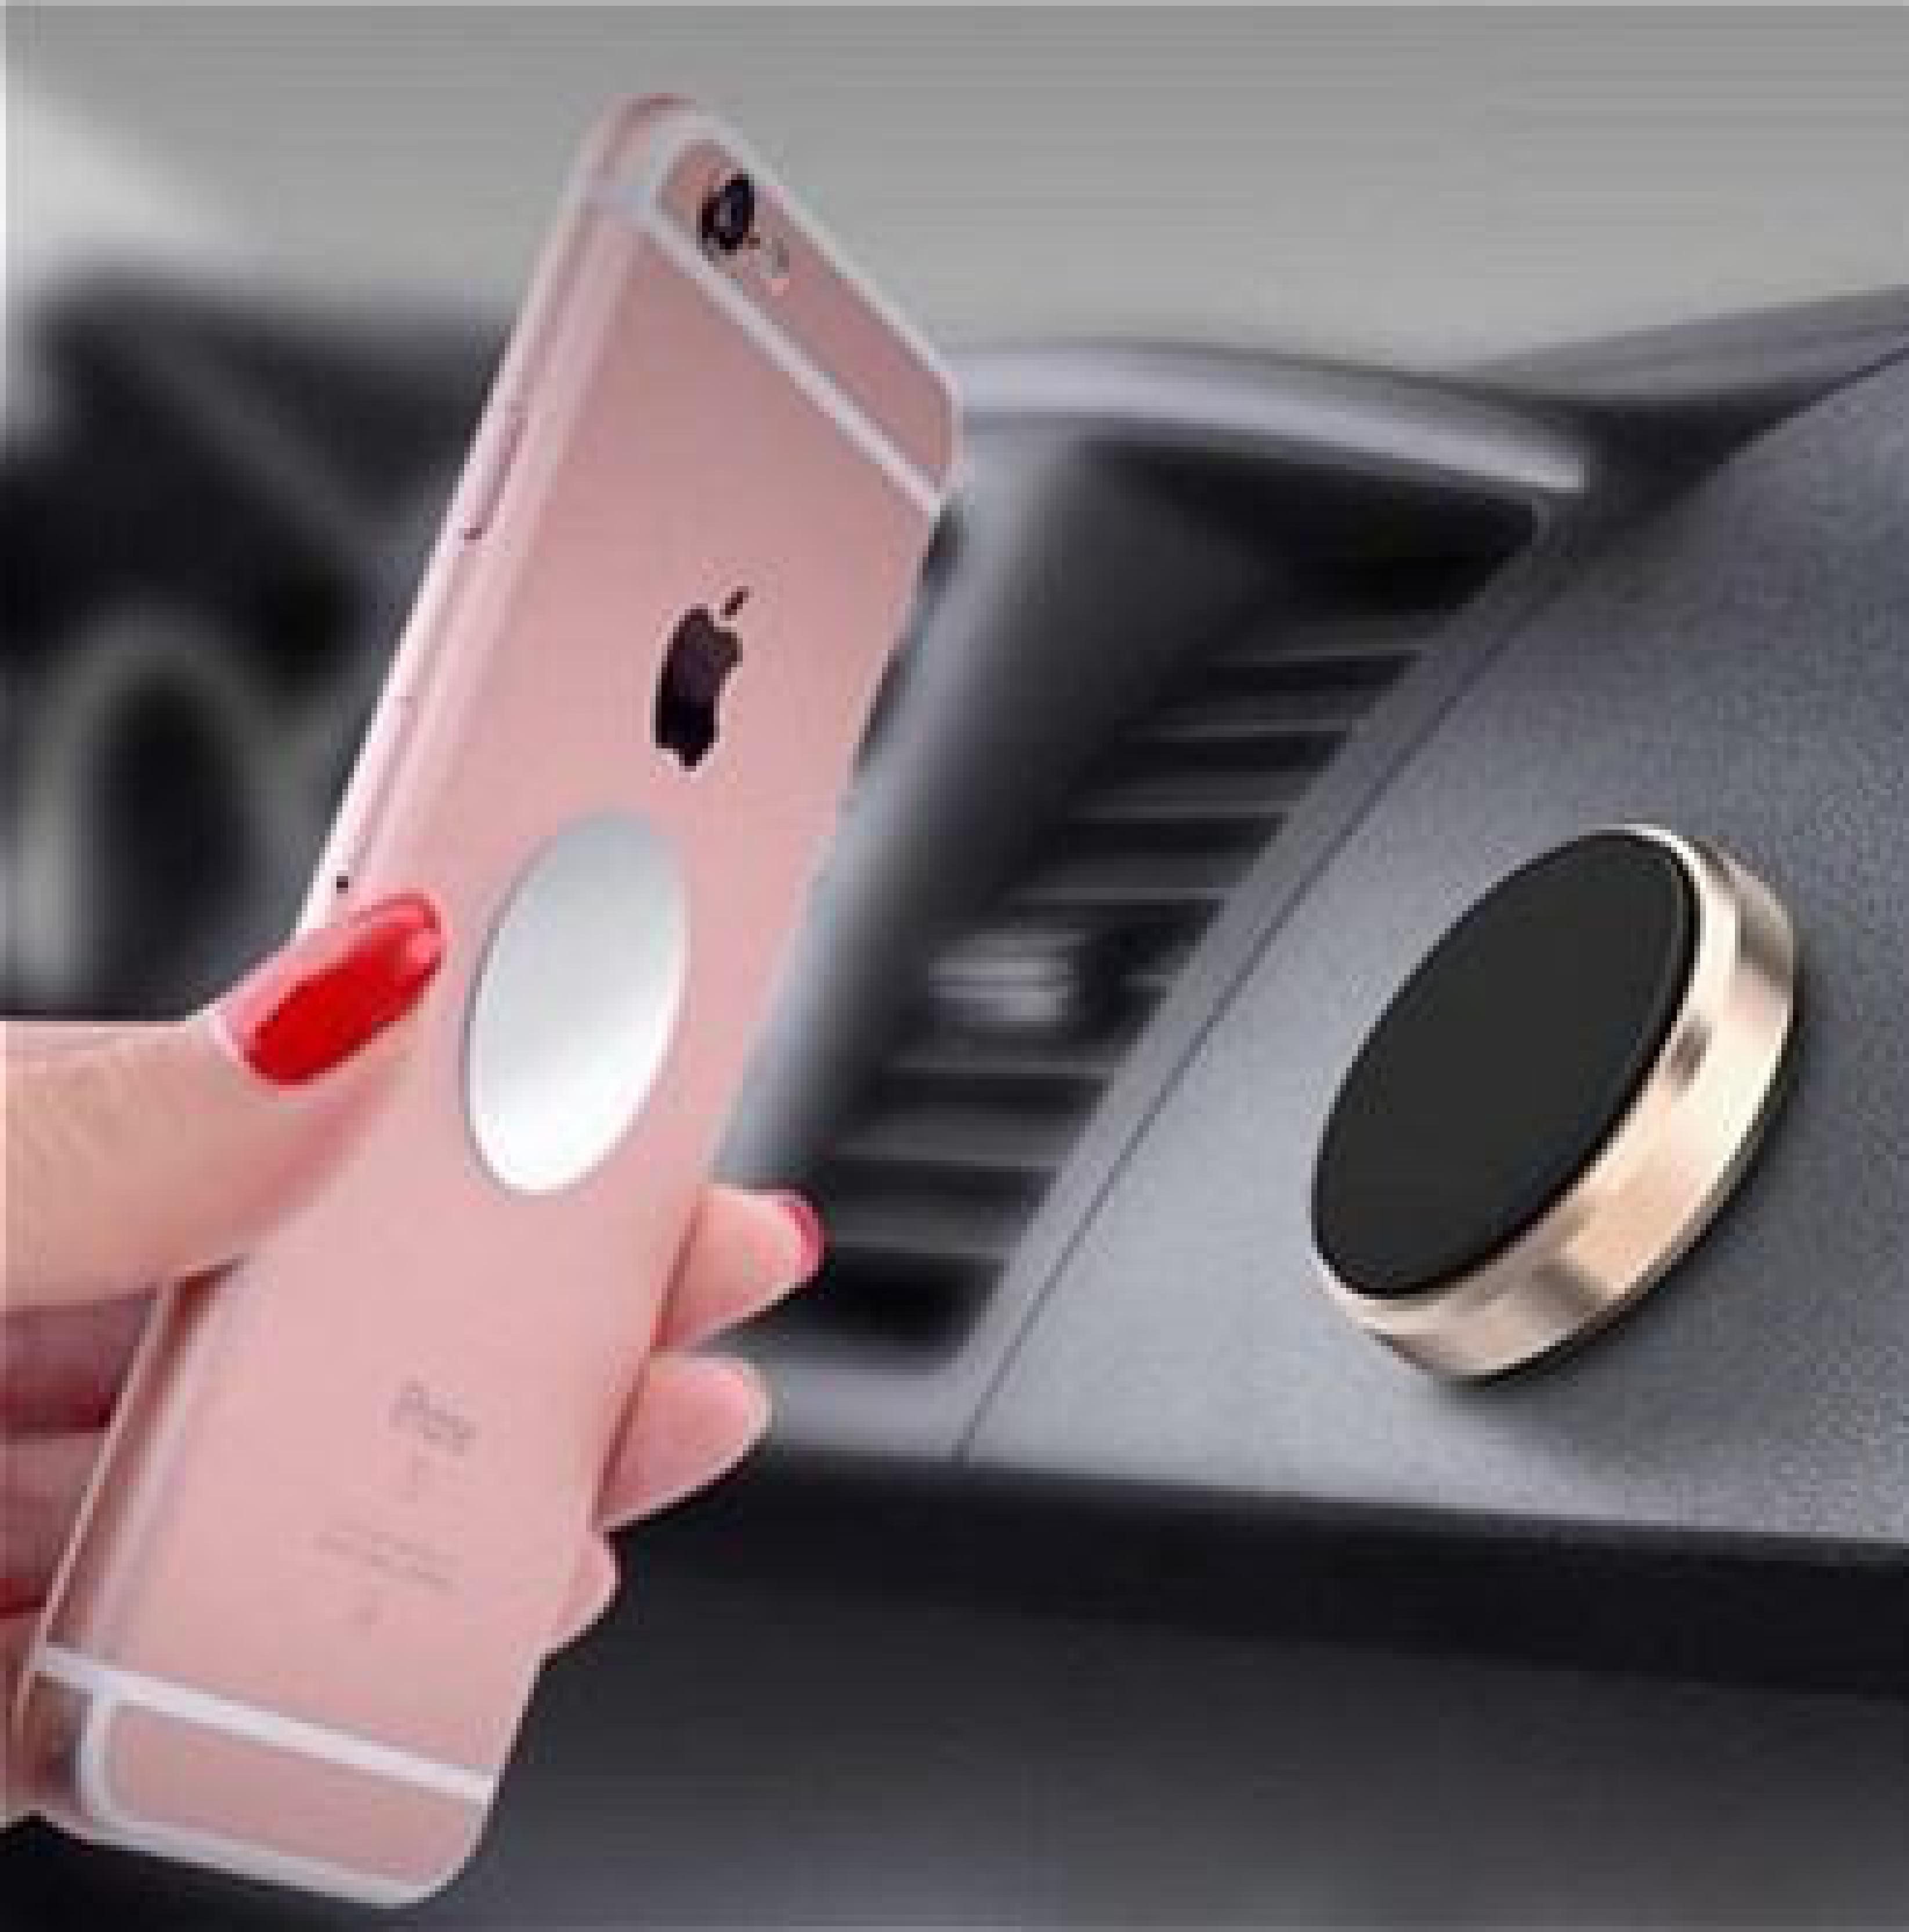 Mıknatıslı Telefon Tutucu Araç İçi Kolay Kullanım Aparatlı